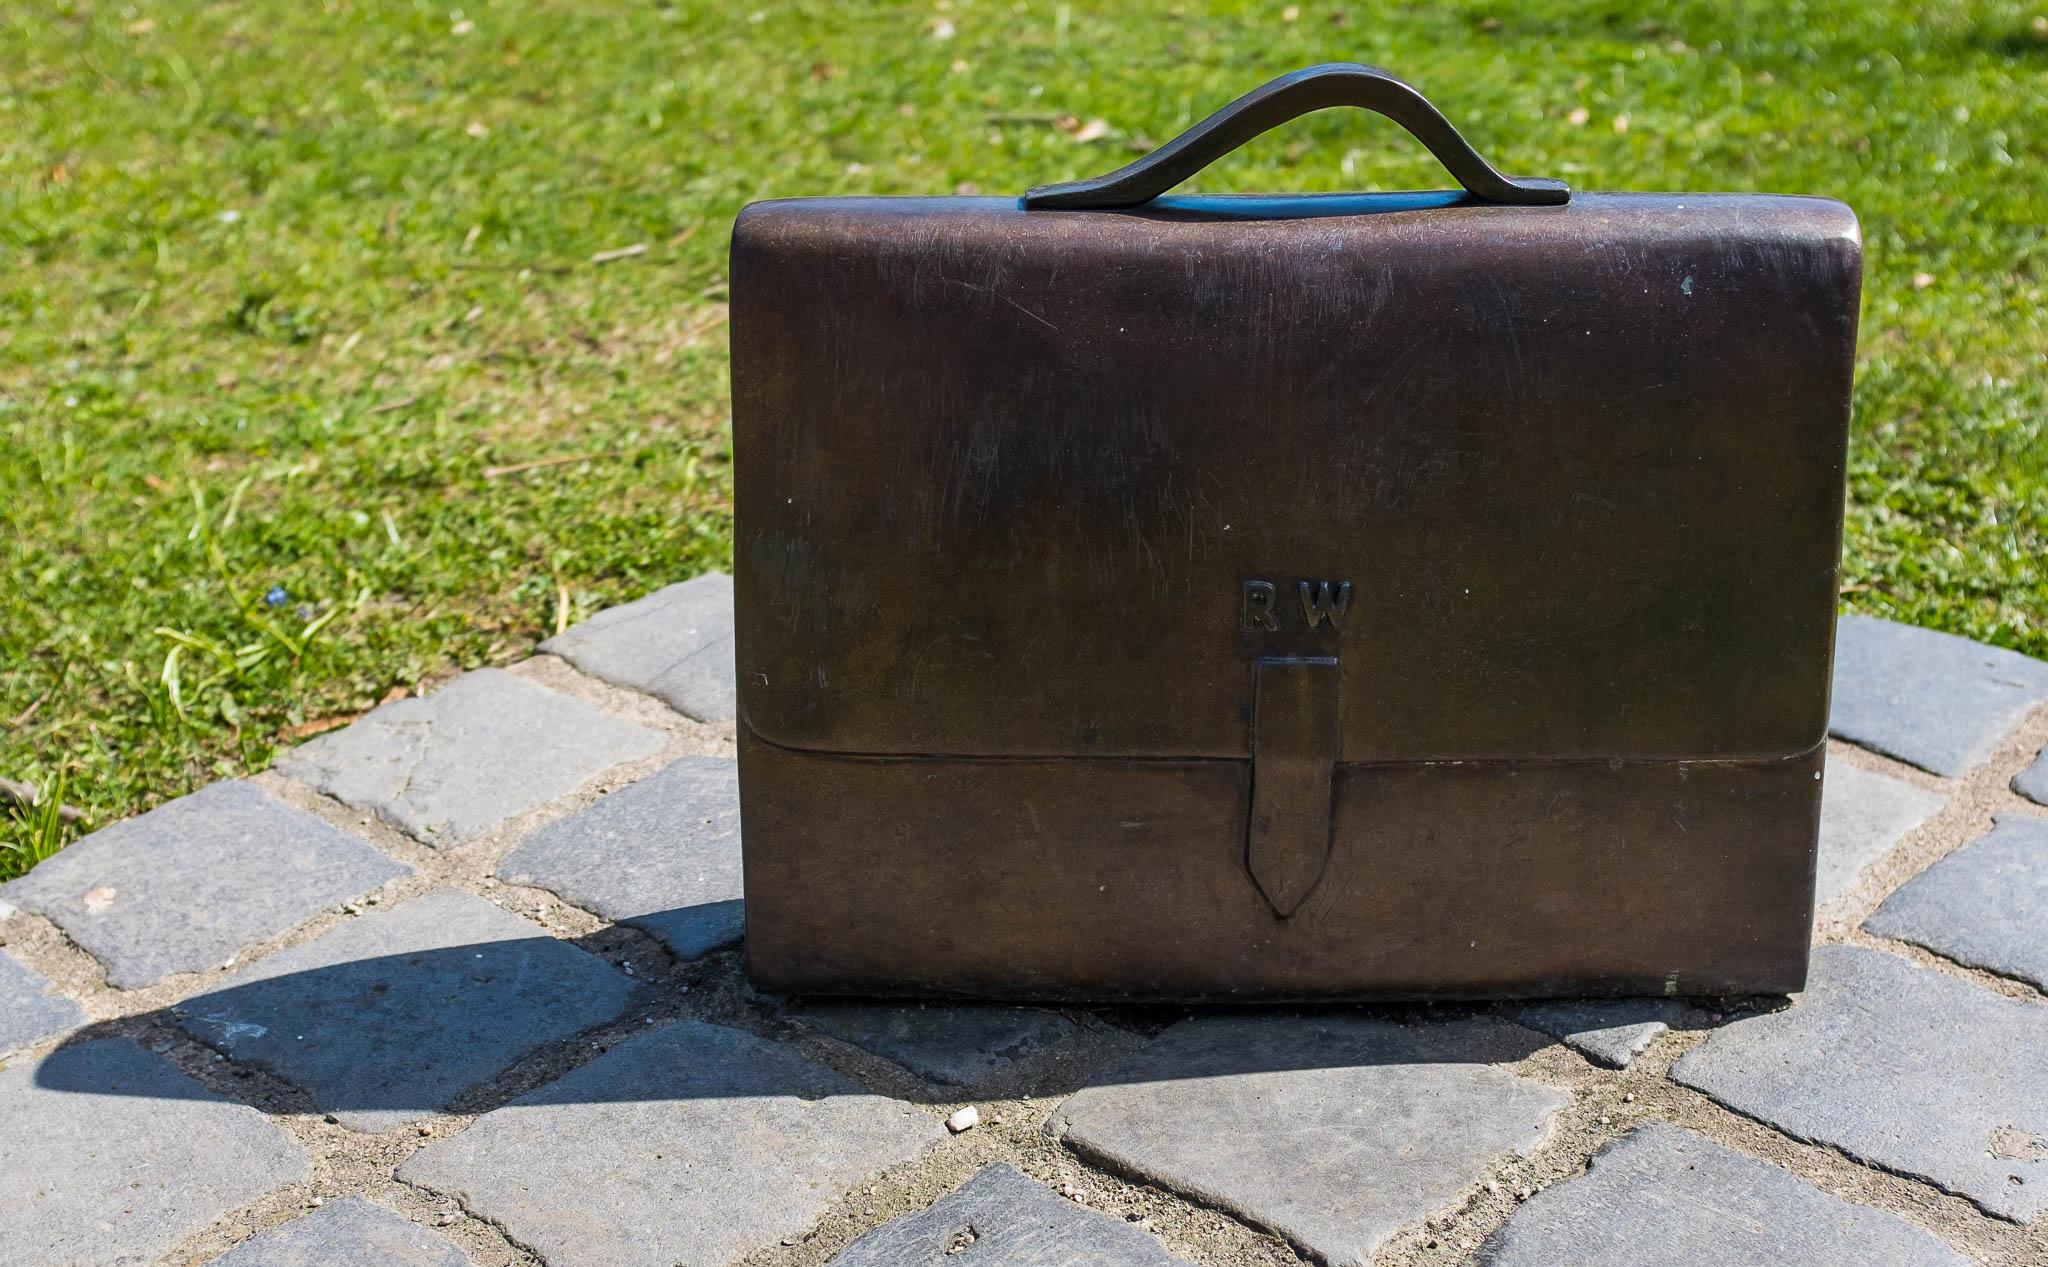 """Wallenbergmonumentet """"Hope"""" i New York av Ulla Kraitz. har initialerna RW. Med väskan, som har initialerna RW, vill Kraitz visa Raoul Wallenbergs humanitära insatser."""